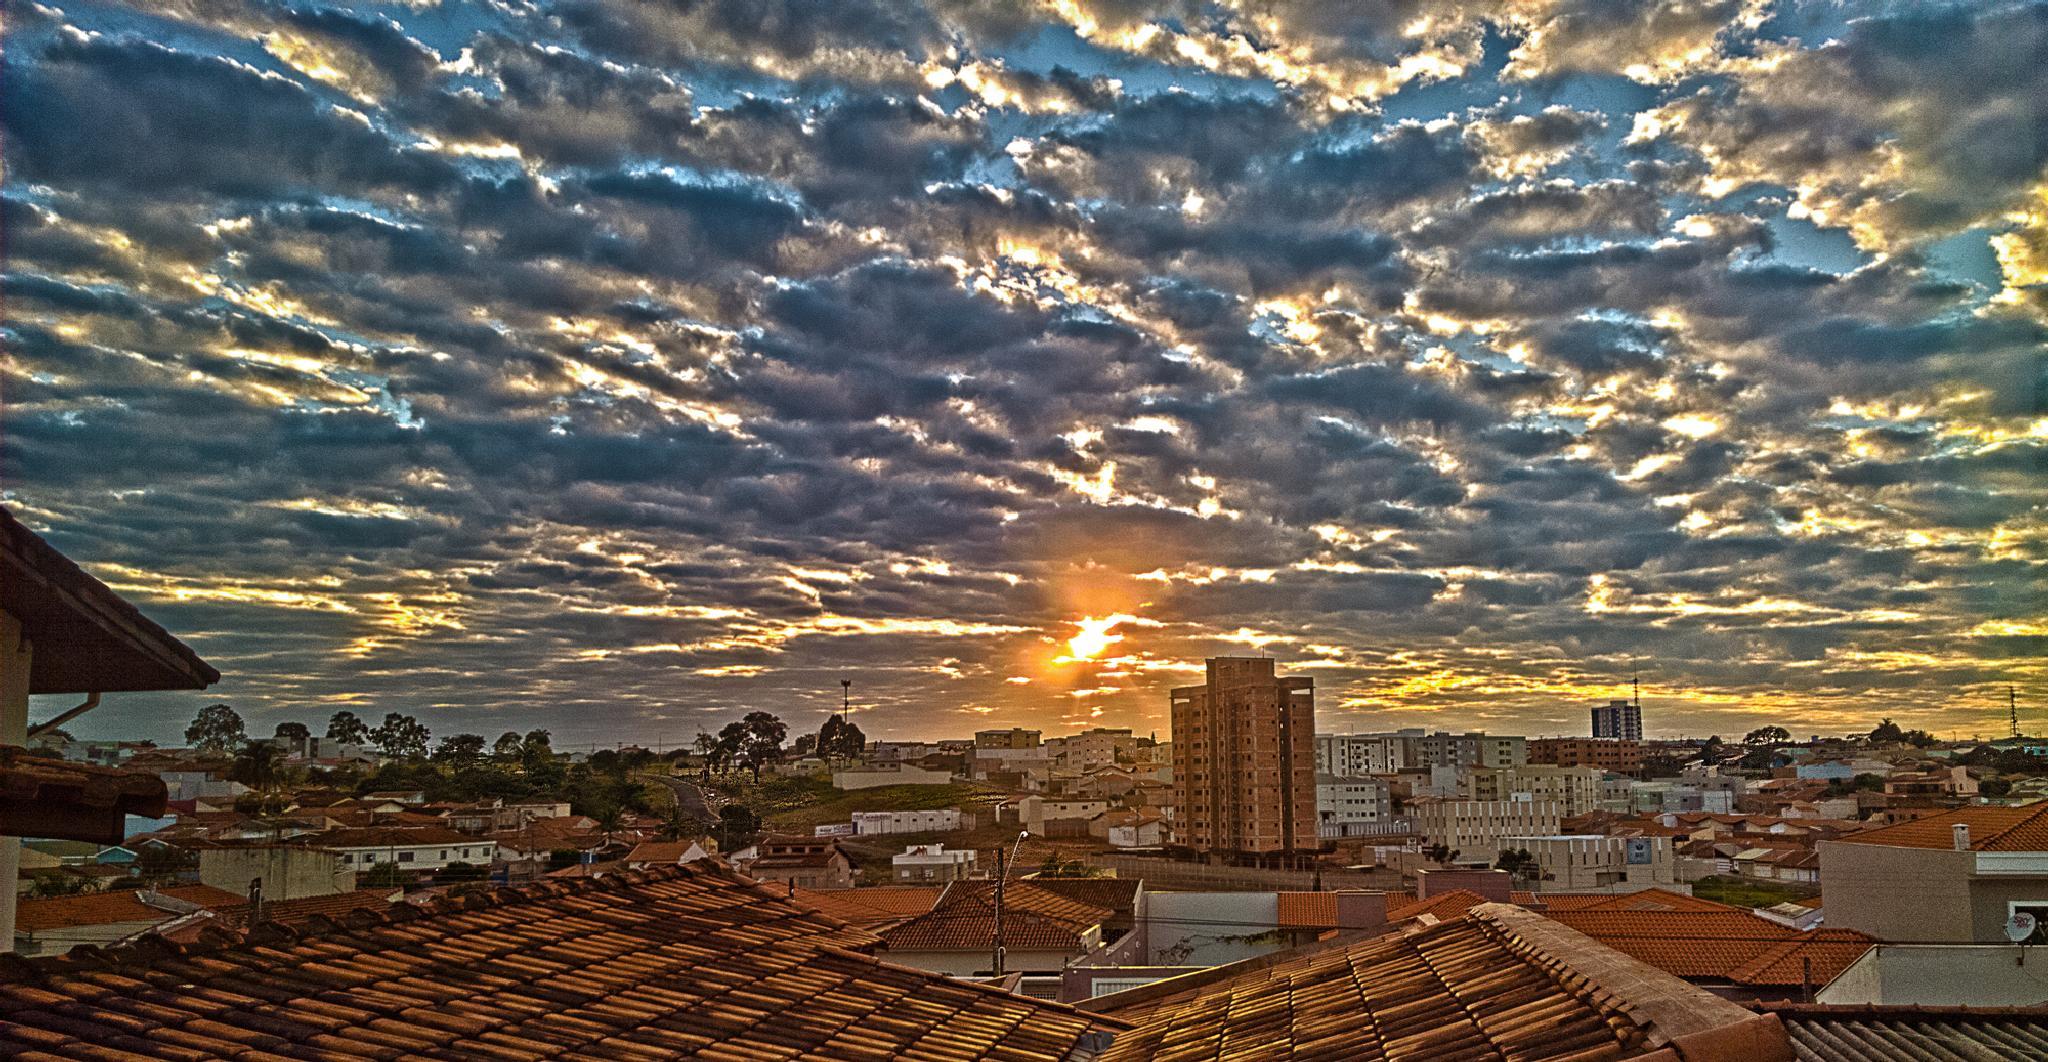 sunny Sunday by Mauricio DC